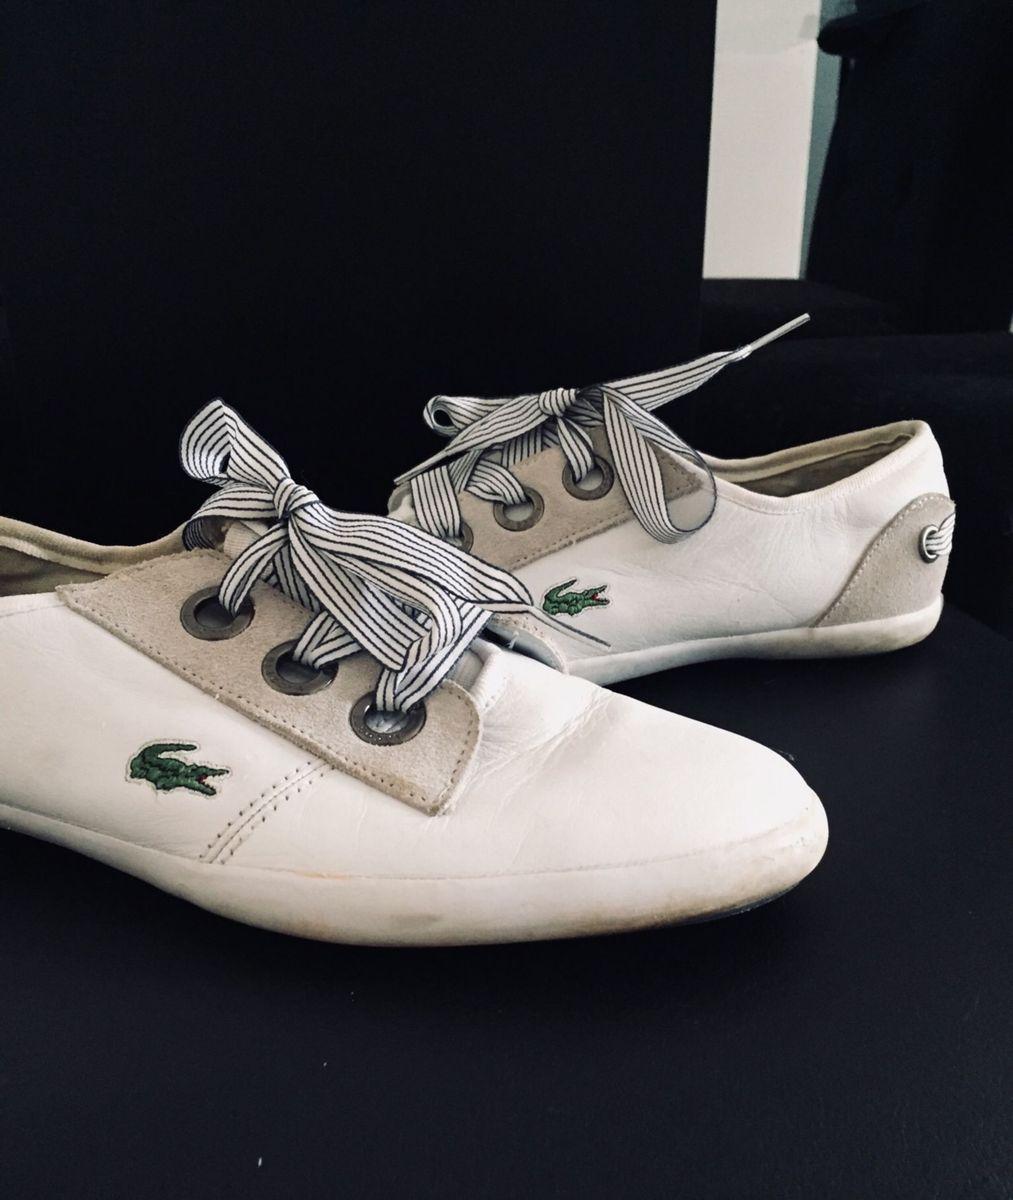 9e23f62ec54 sapatinho lacoste - sapatos lacoste.  Czm6ly9wag90b3muzw5qb2vplmnvbs5ici9wcm9kdwn0cy80otkwnzc1l2mwmtk5otzjnzm1zwm0nmnhnmvlmdm1nje5njewytkwlmpwzw  ...